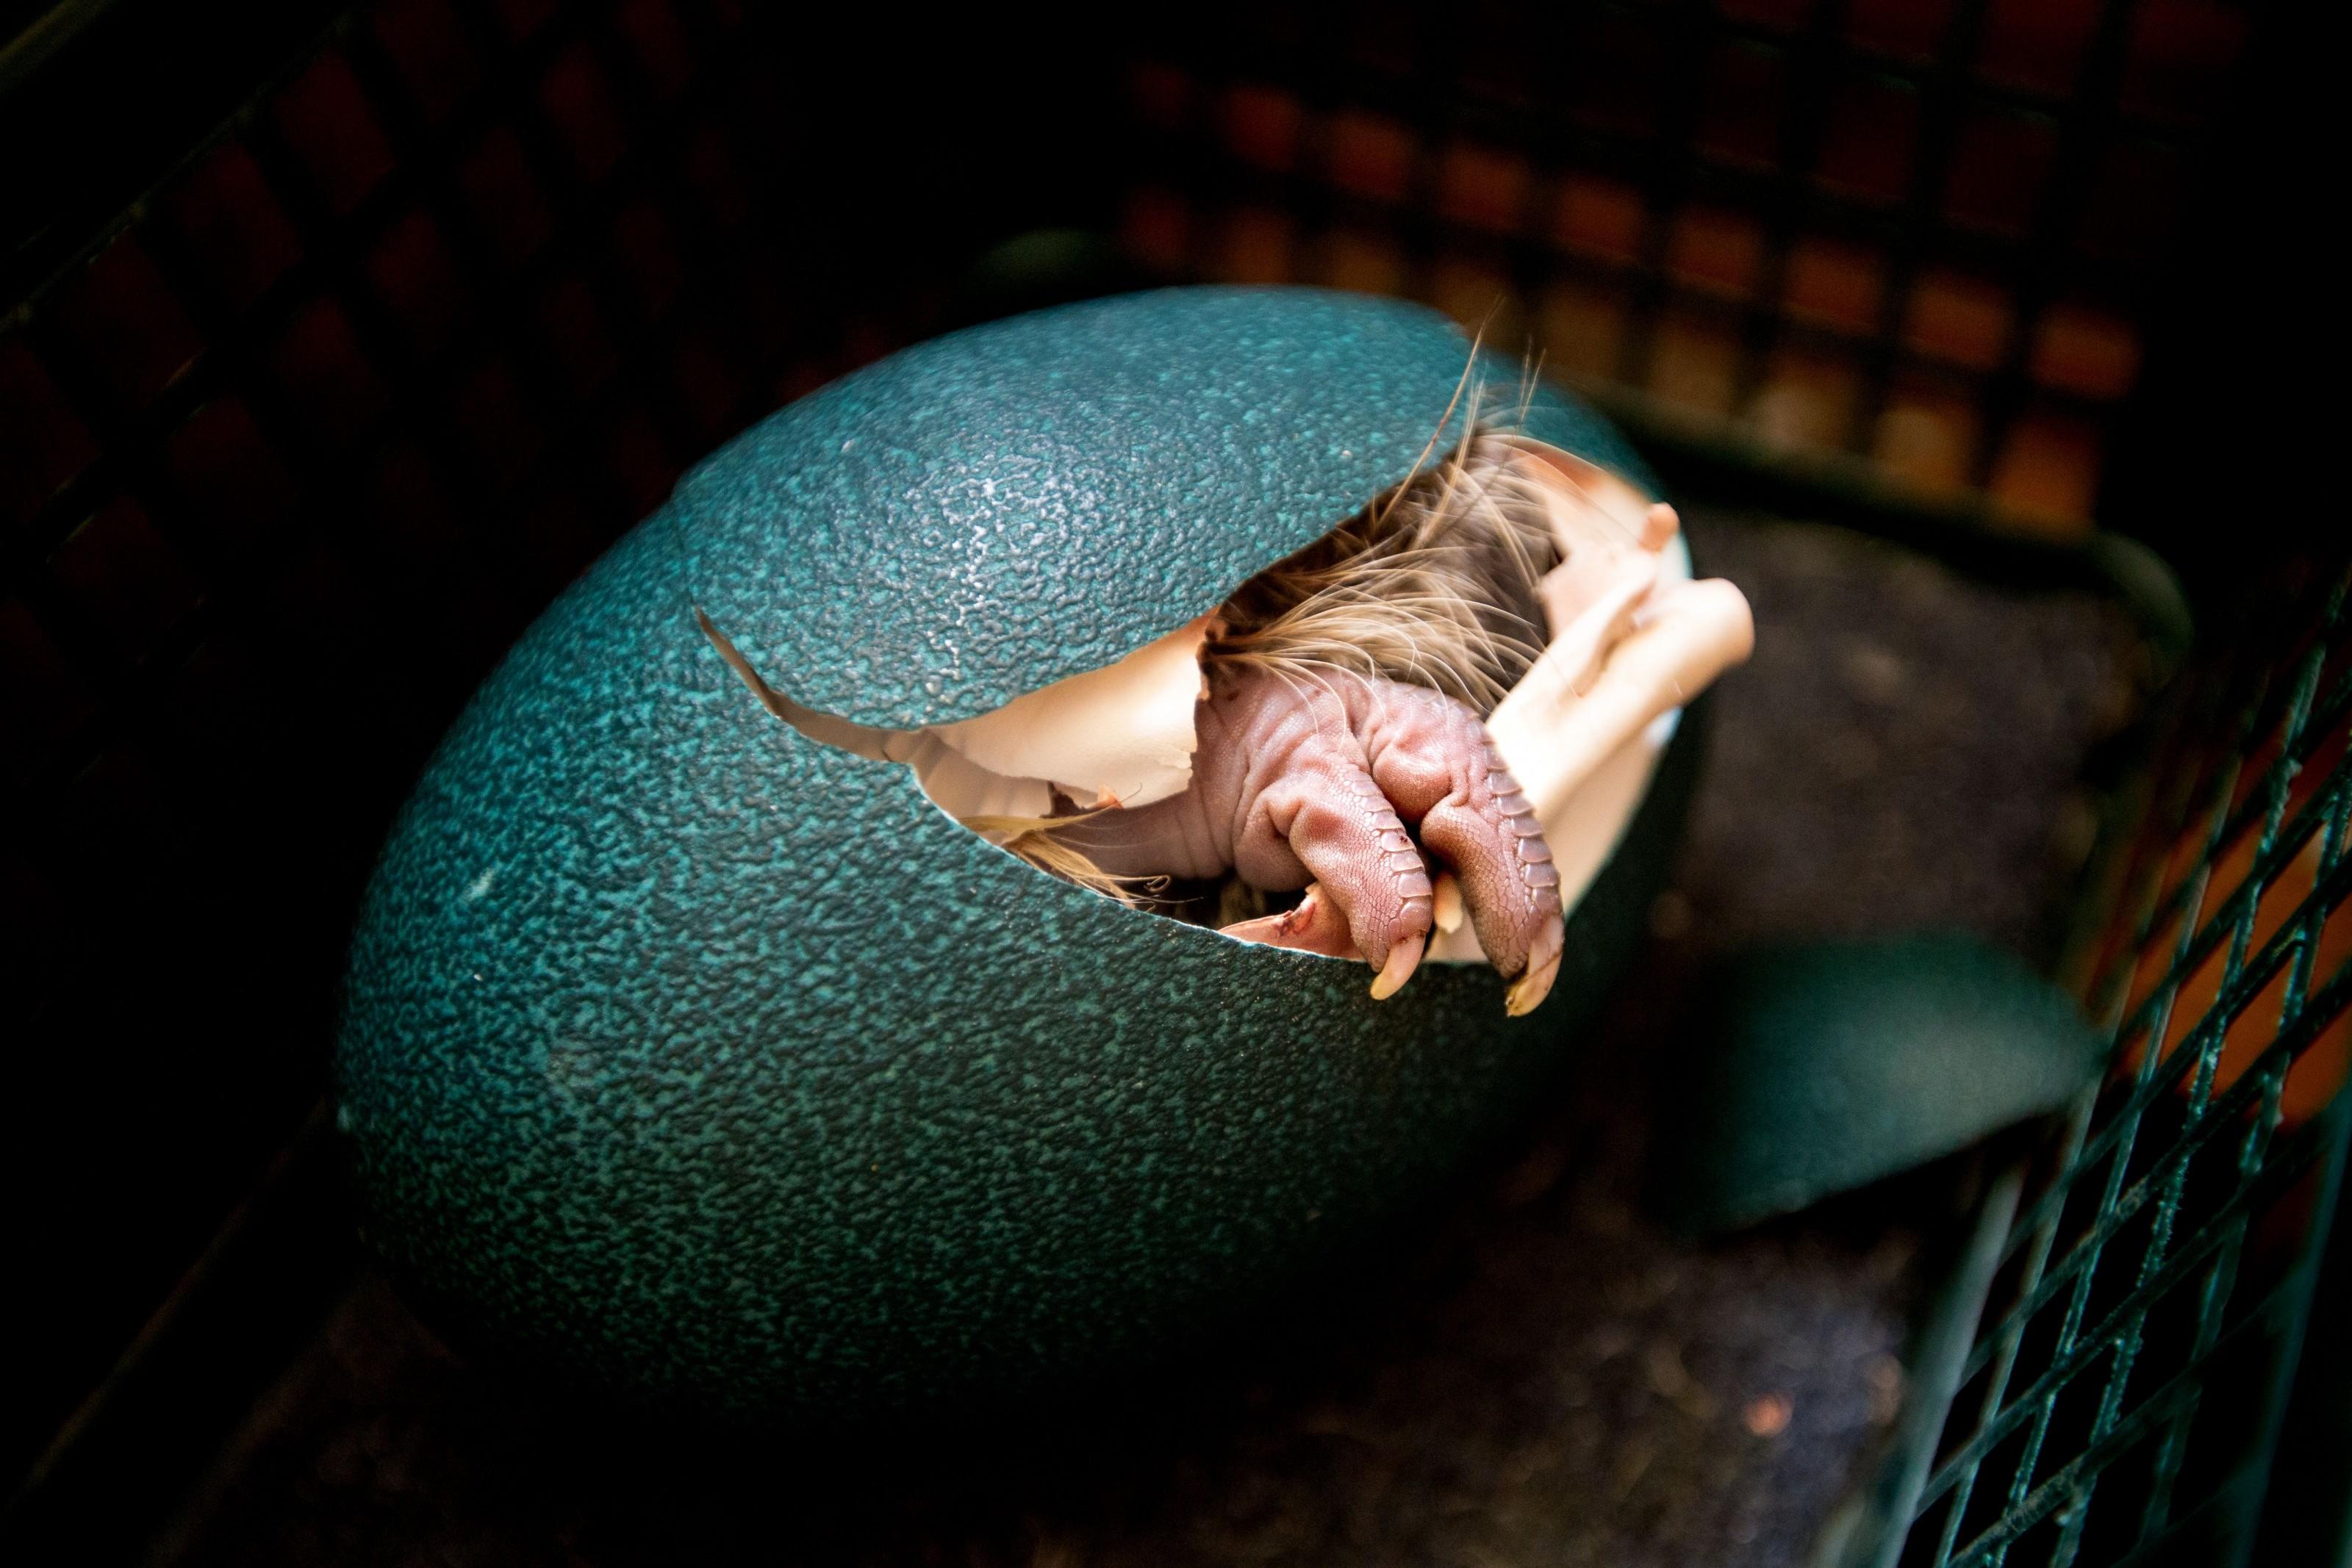 emu saindo da casca do ovo